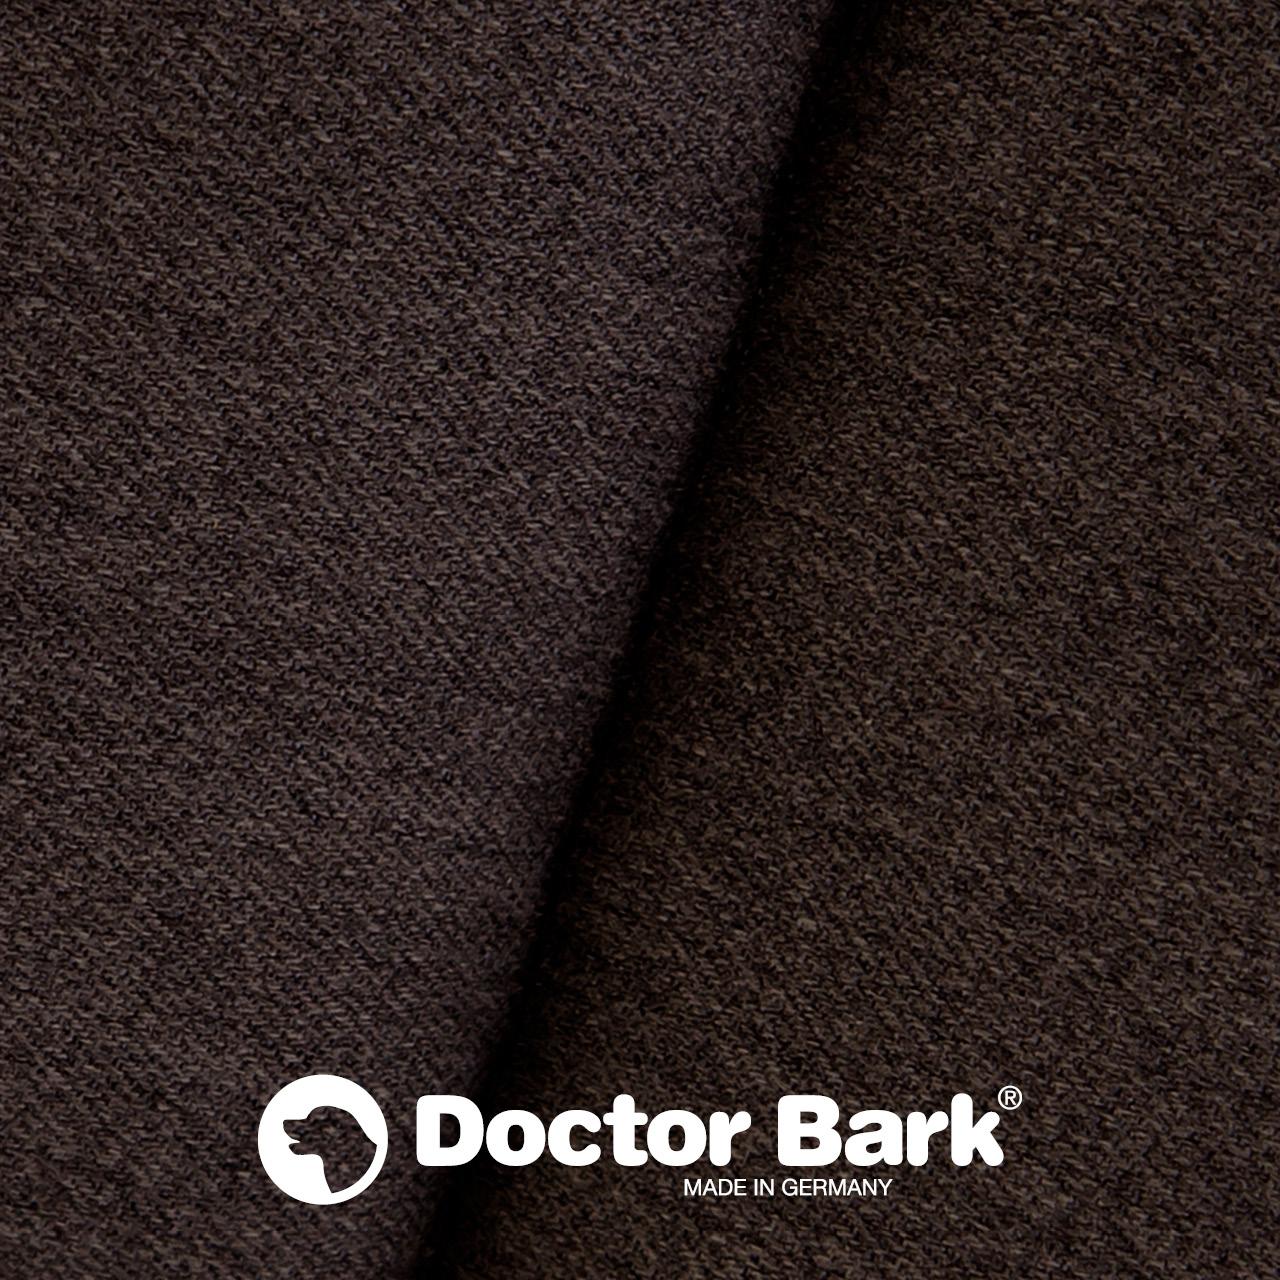 gepolsterte Einlegedecke für Doctor Bark Hundebett - braun